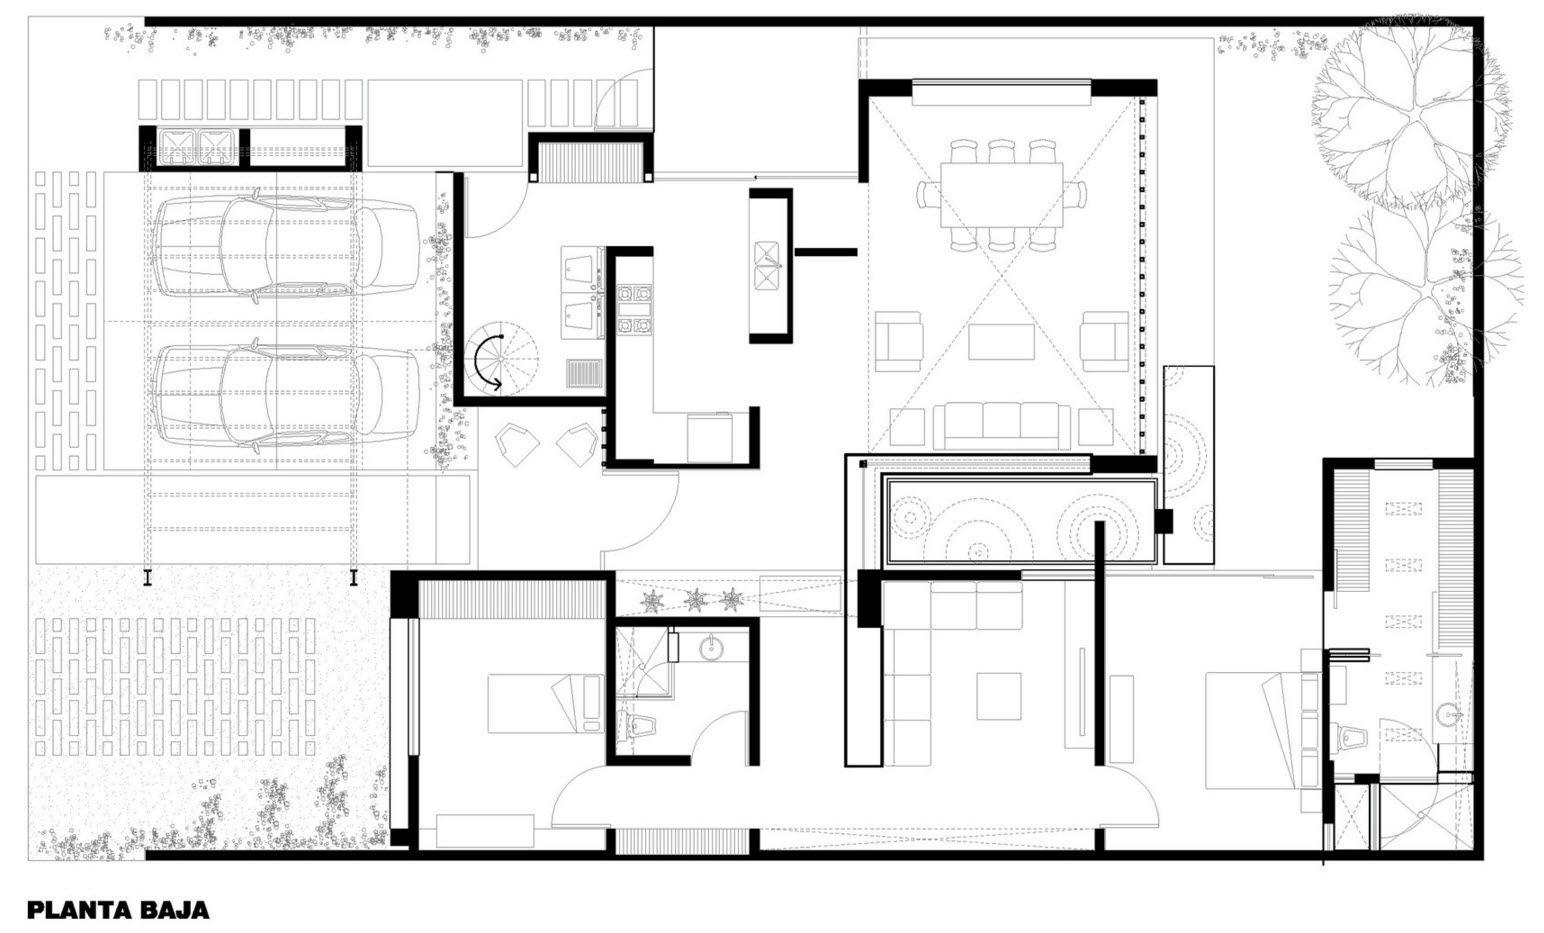 Dise o de casa moderna de un piso con tres dormitorios for Planos para casas modernas